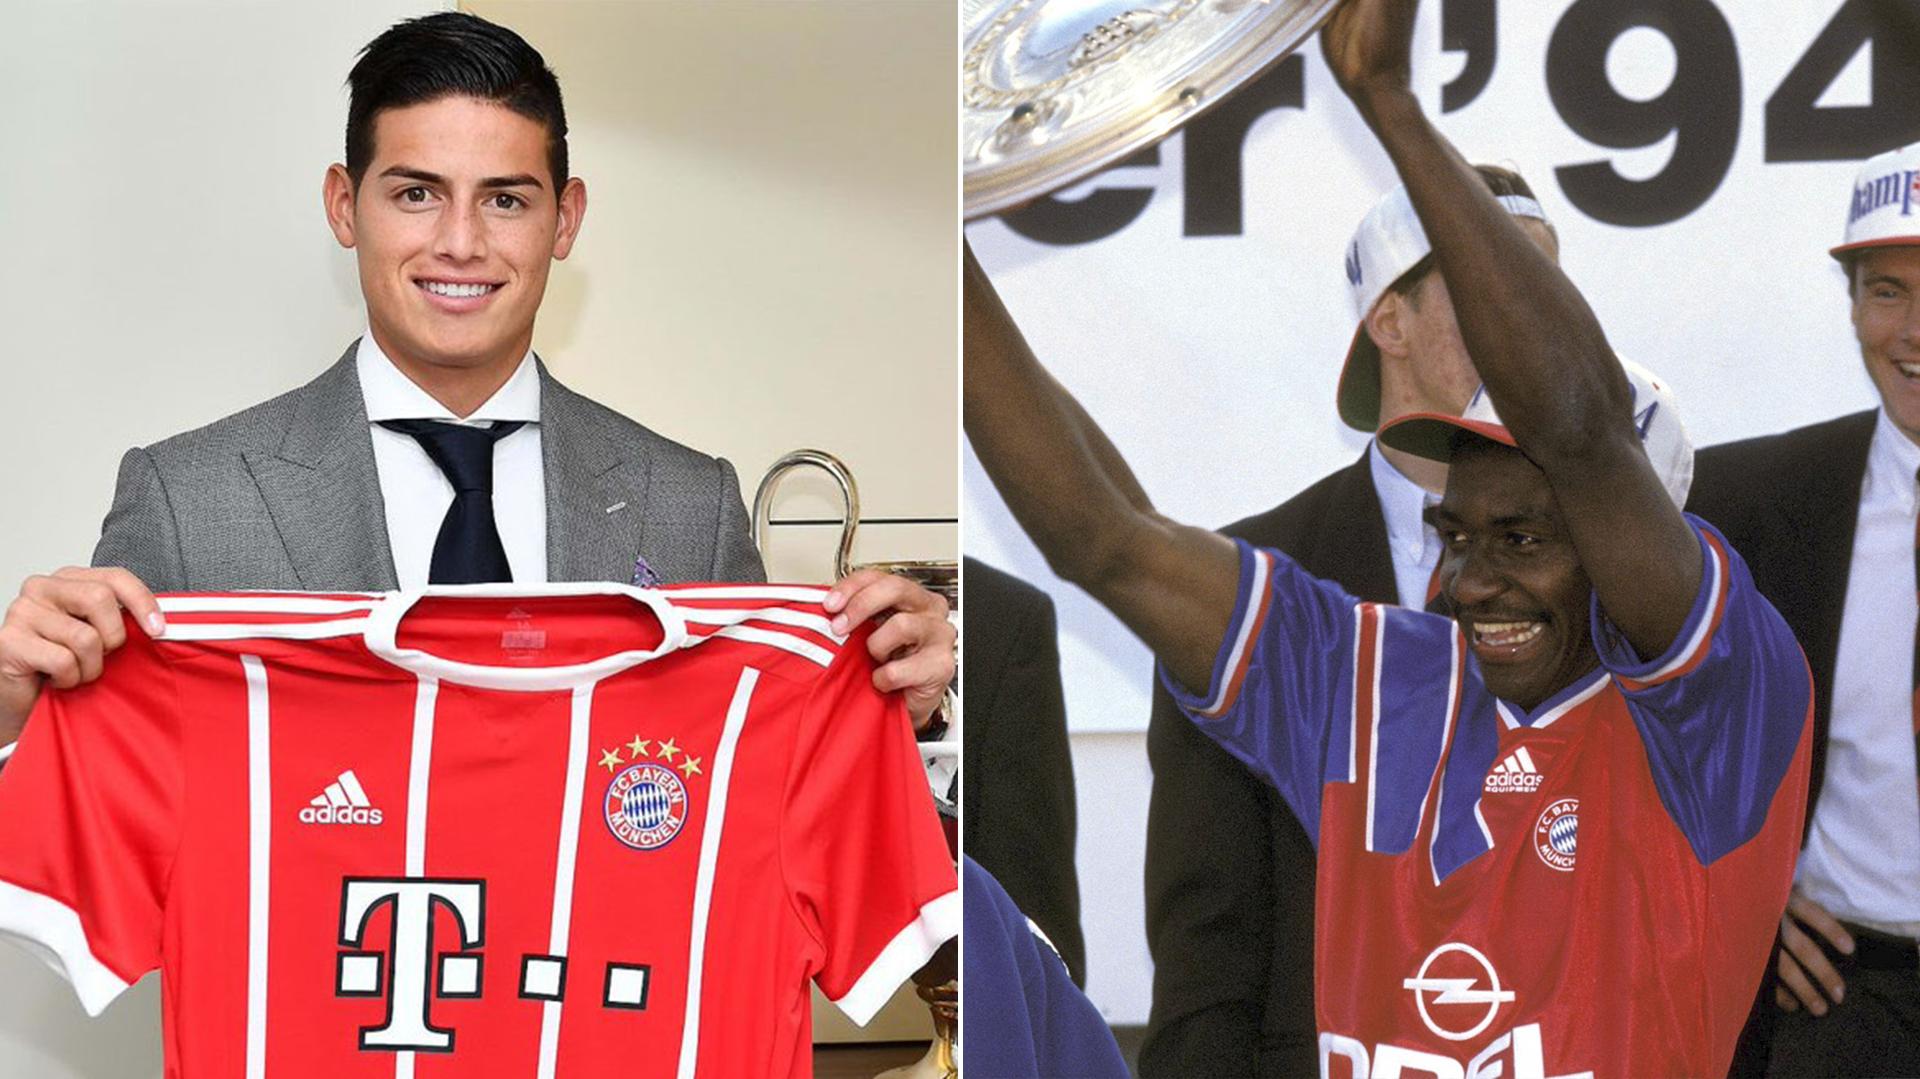 James Rodríguez es nuevo jugador del Bayern Munch, club en el que su compatriota Adolfo Valencia fue campeón